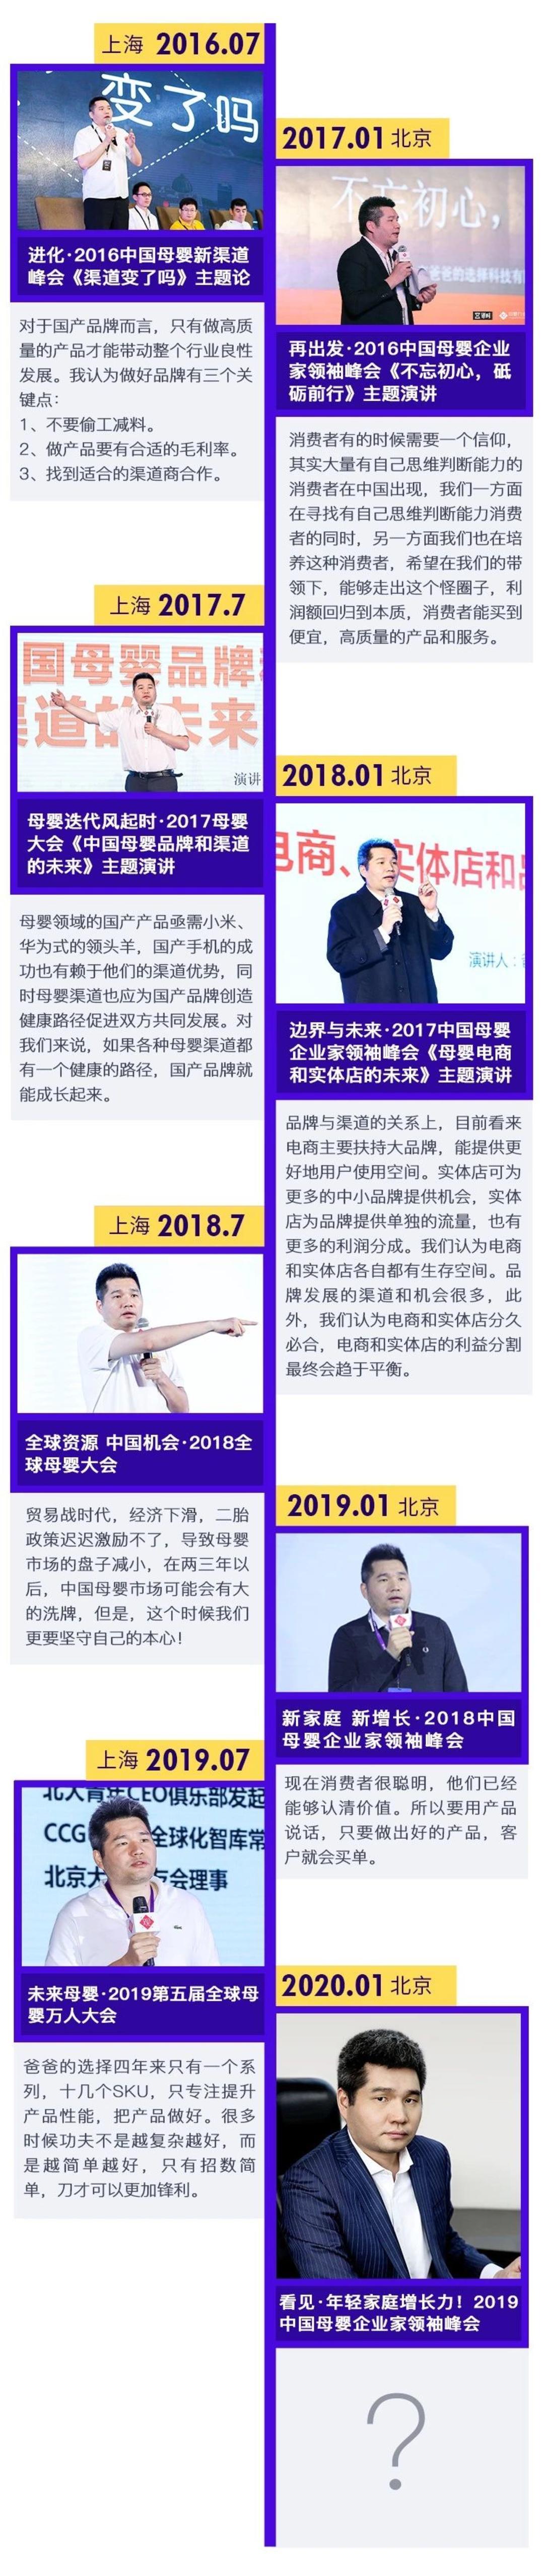 微信图片_20191220100103.jpg